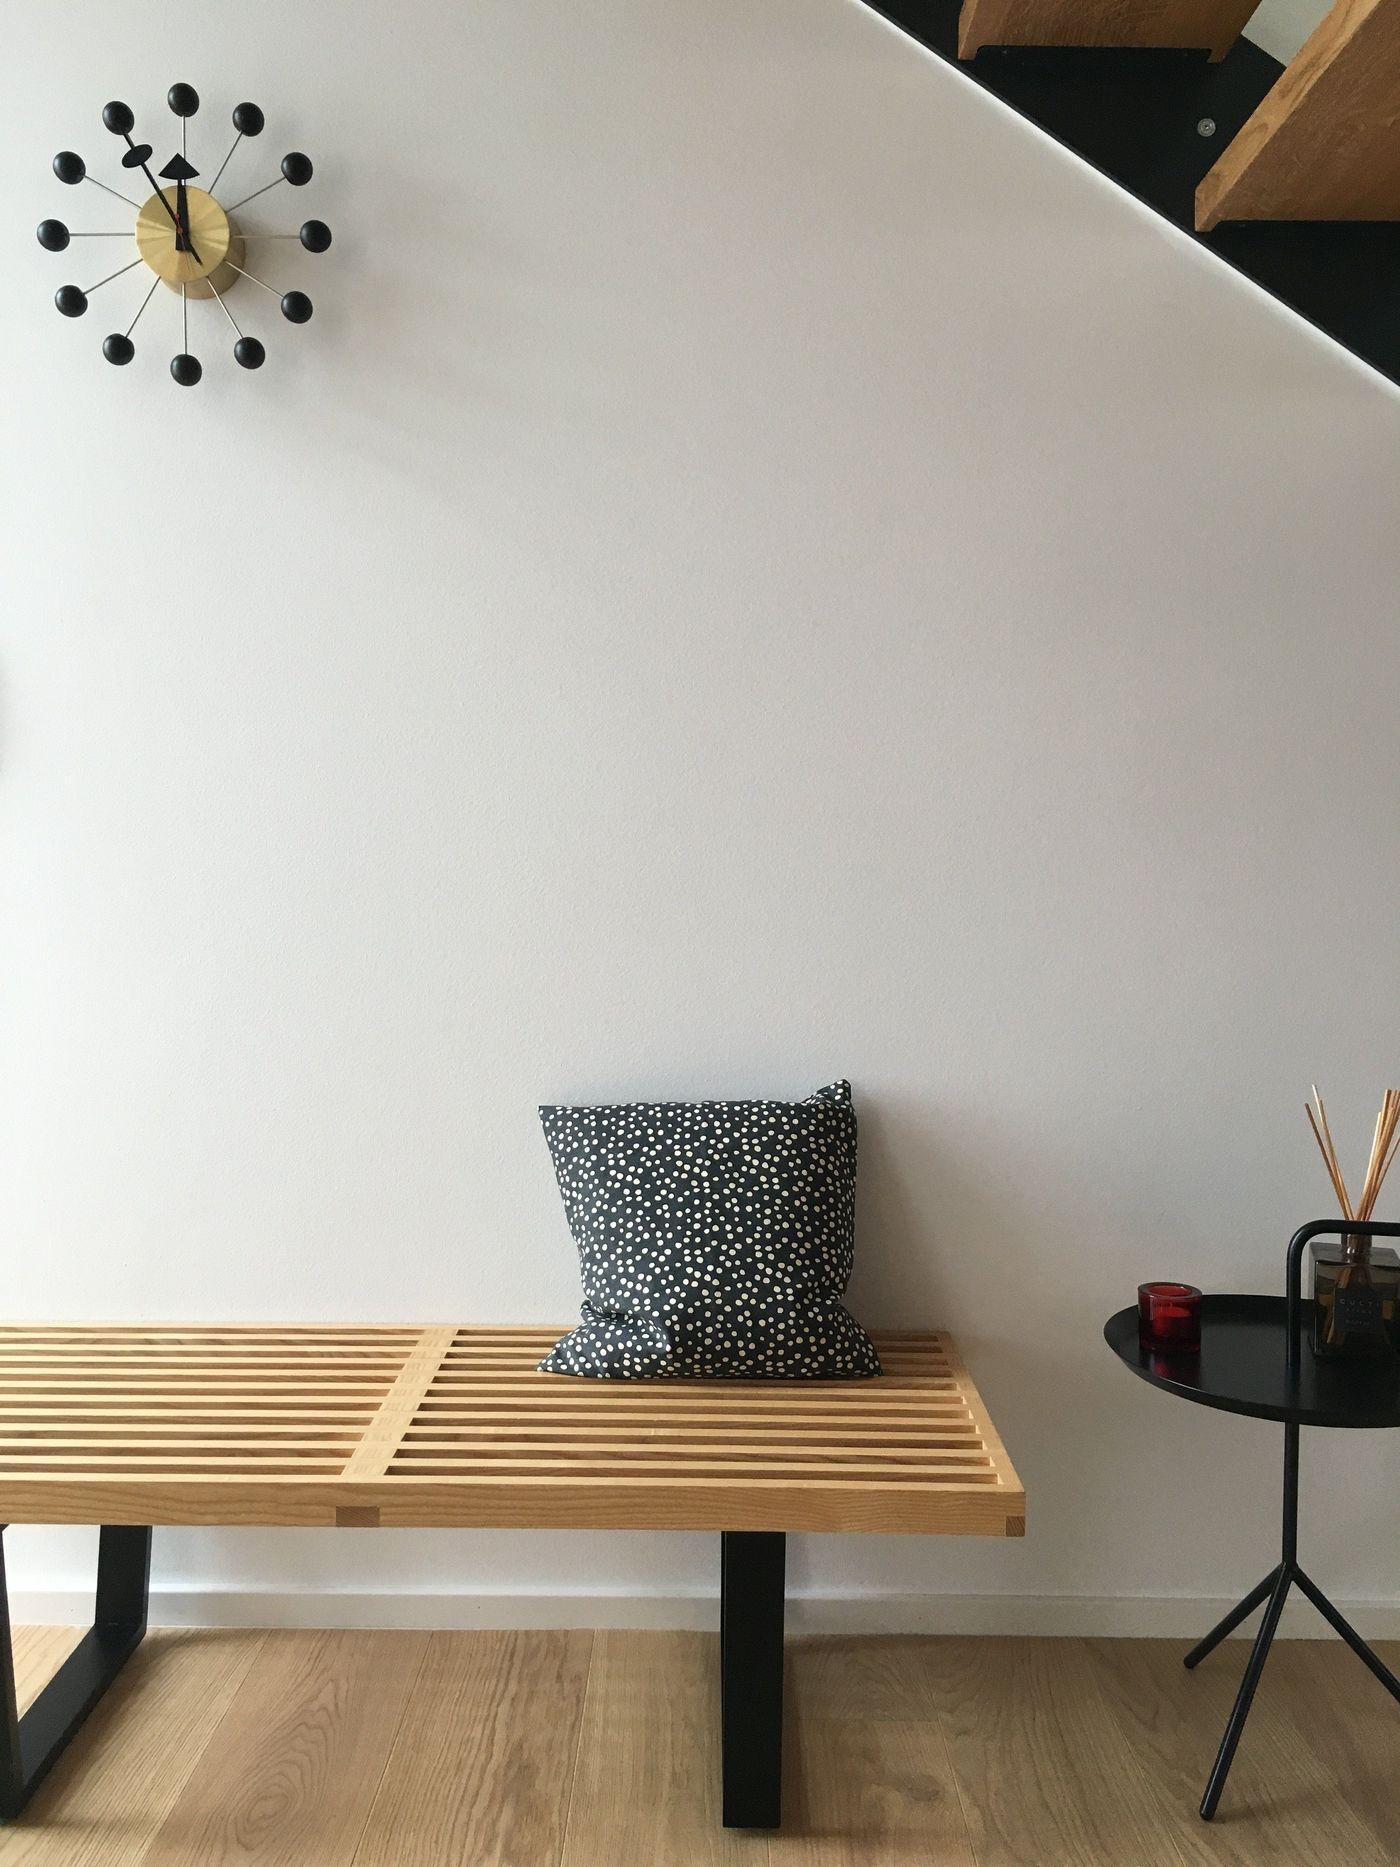 die ball clock von george nelson. Black Bedroom Furniture Sets. Home Design Ideas